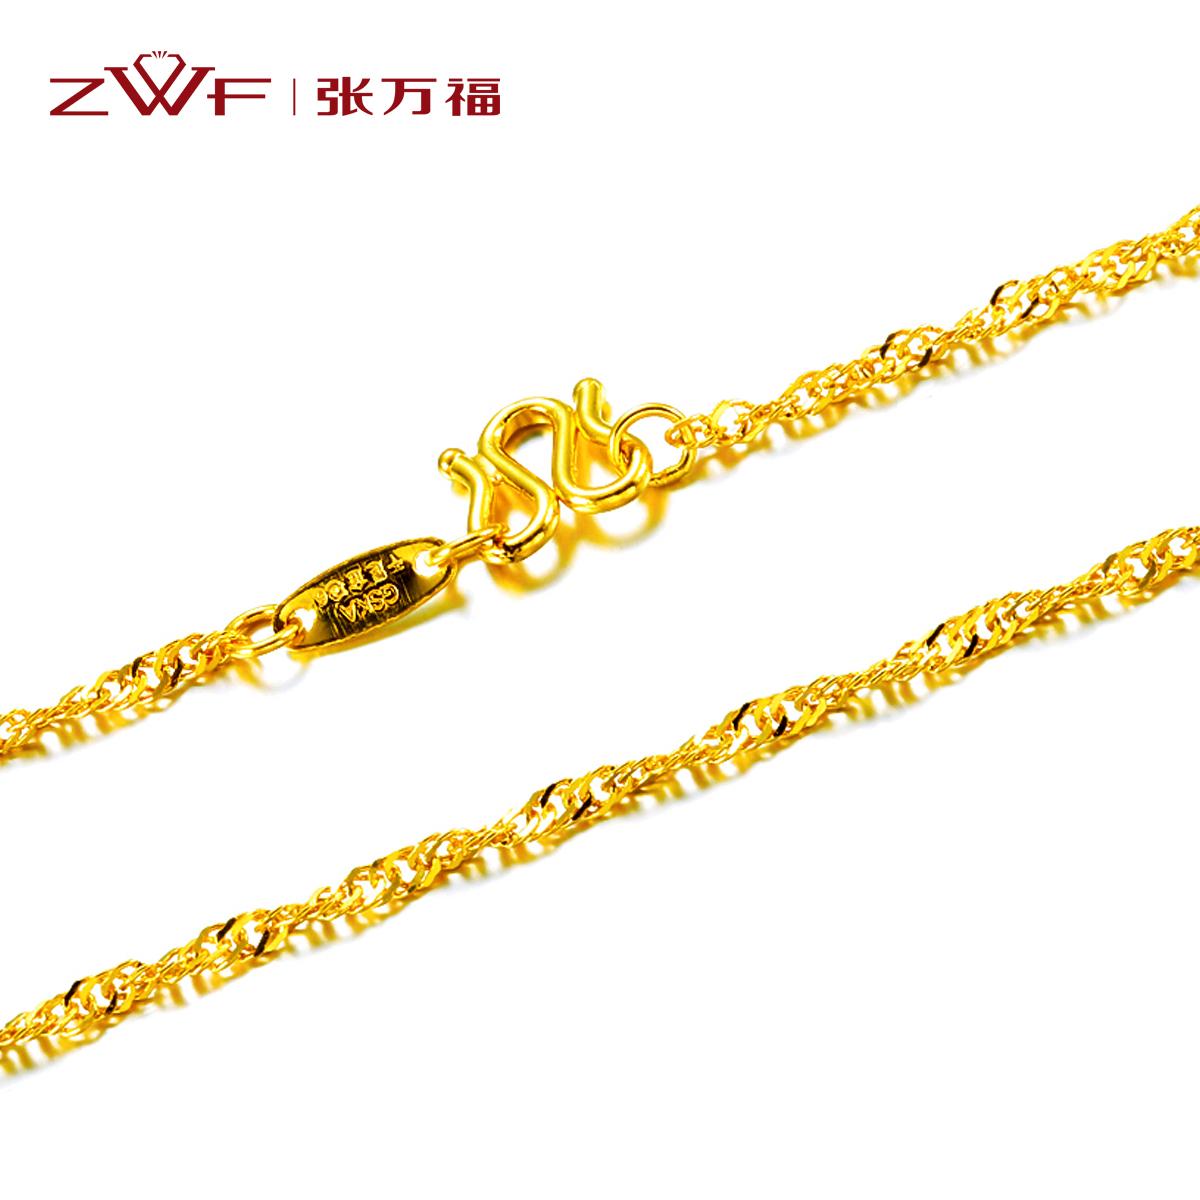 张万福 黄金项链时尚水波纹足金项链精致项链绞丝链 正品zwf